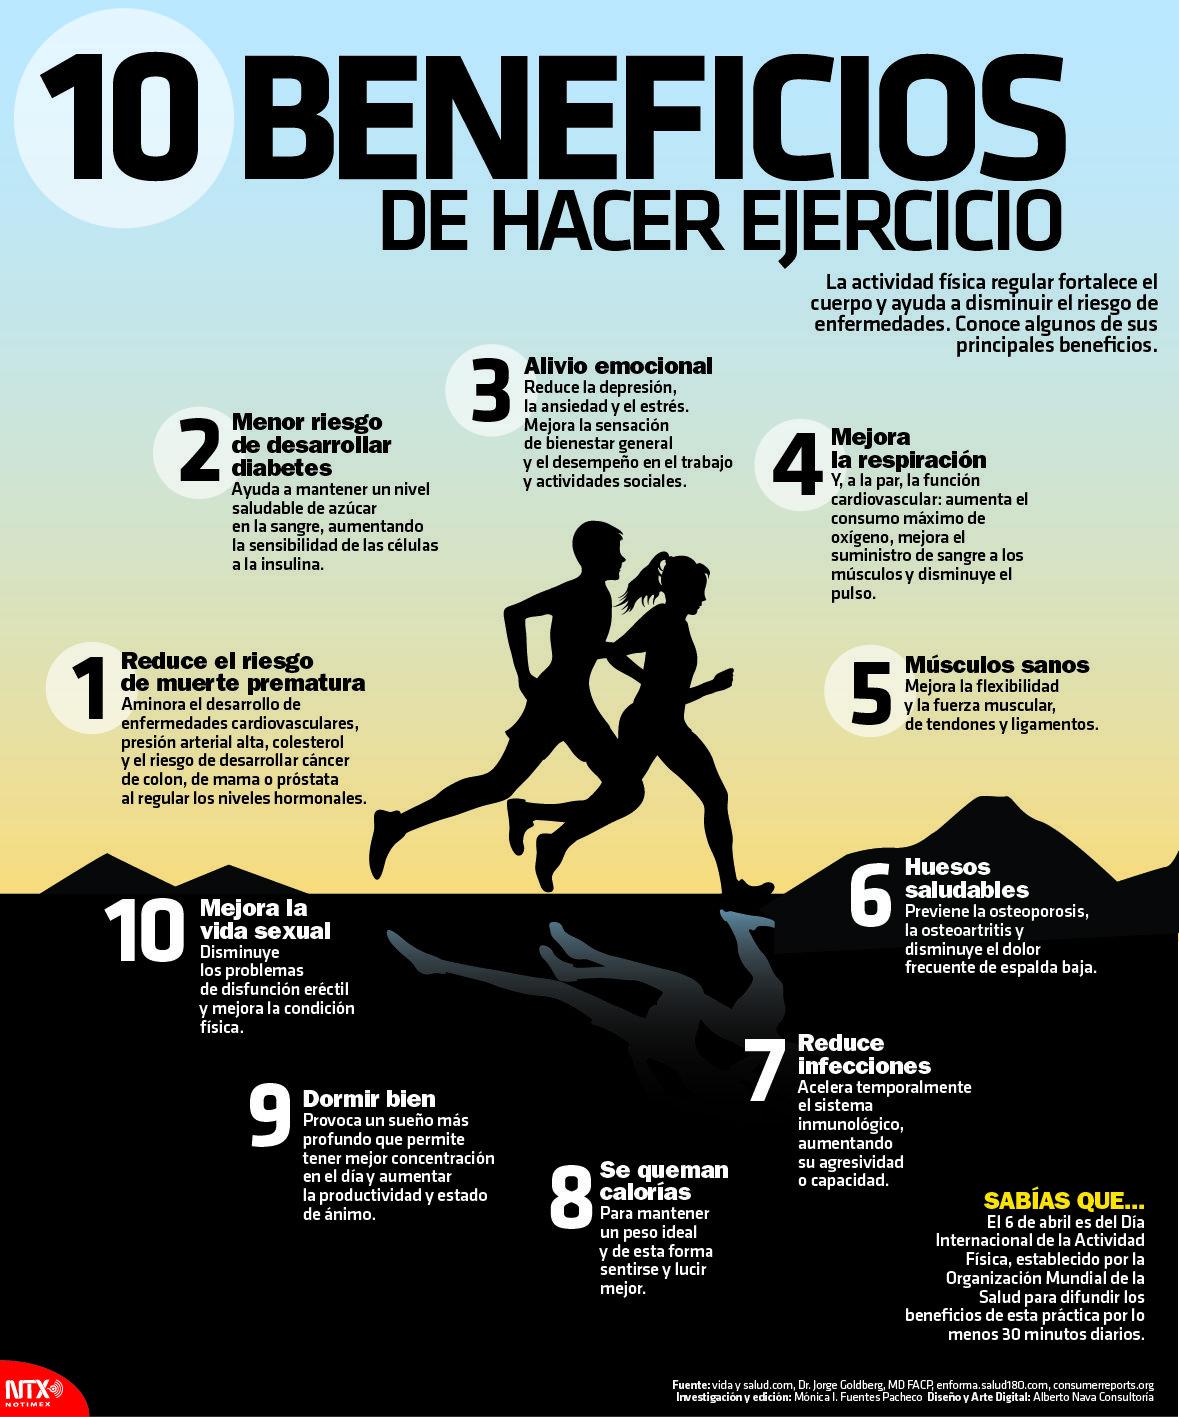 Sabes Cuáles Son Los Beneficios De Realizar Alguna Actividad Física En La Infogra Beneficios De Hacer Ejercicio Actividades Físicas Actividad Fisica Y Salud